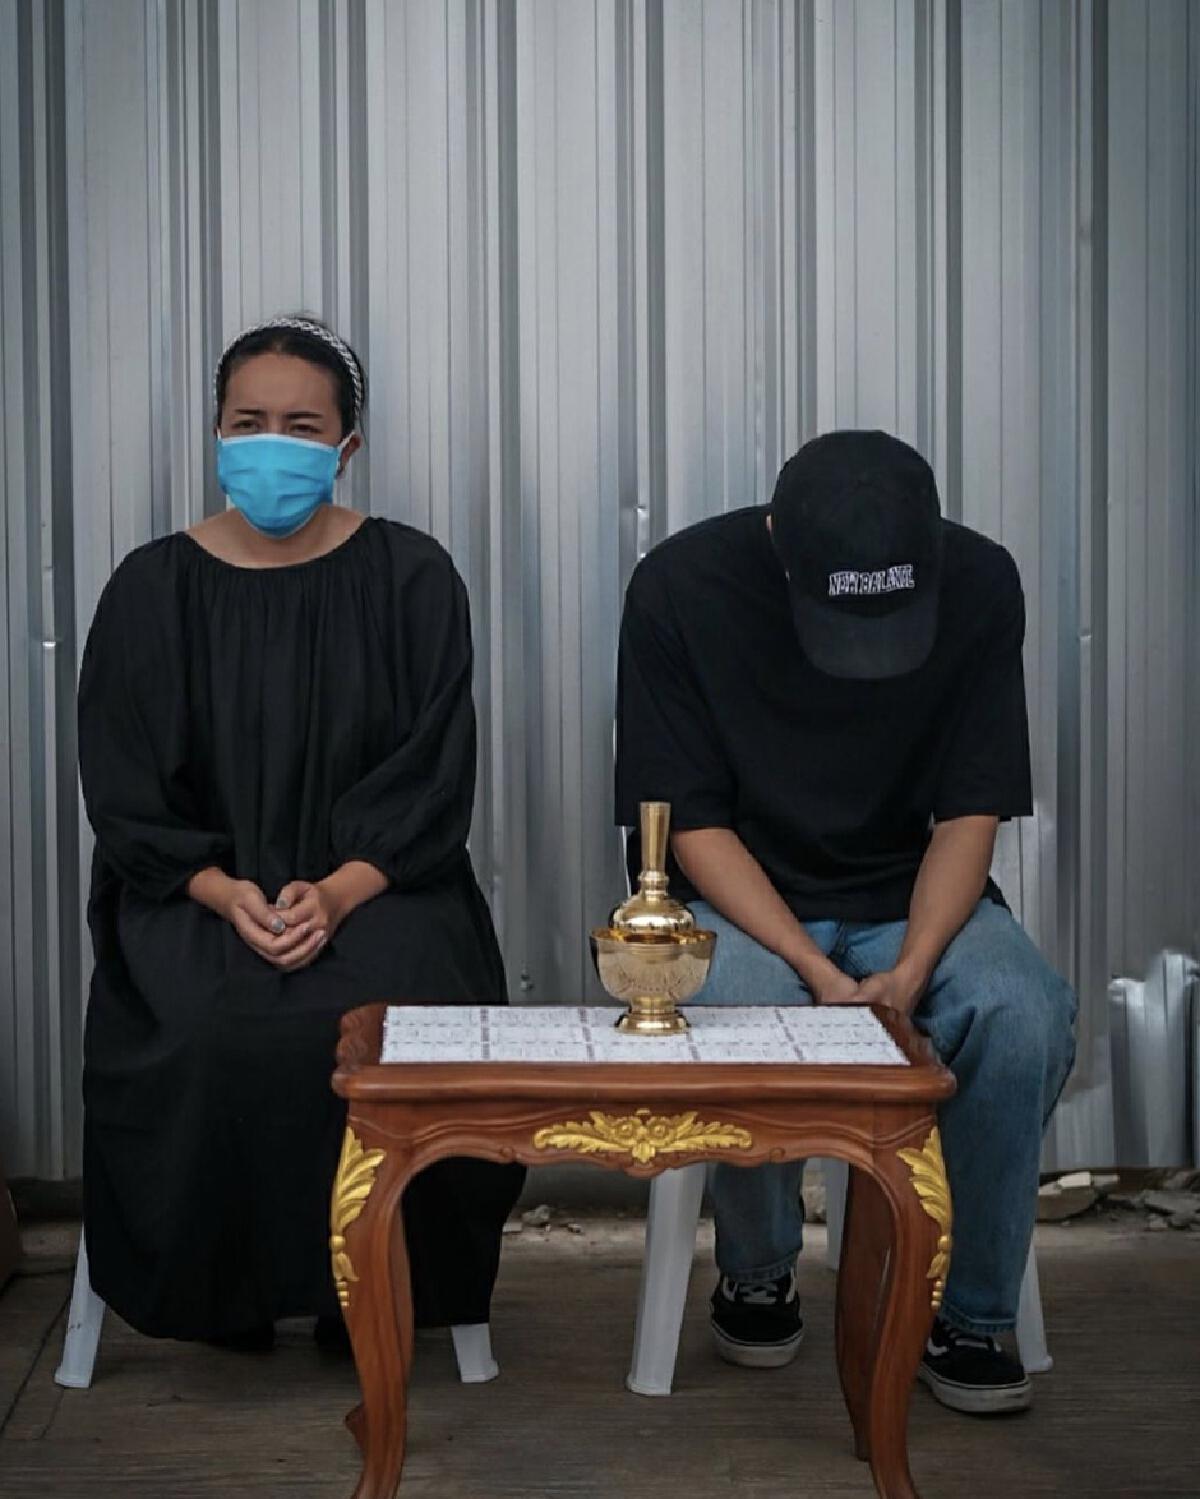 เปิดโพสต์ พยาบาลที่ดูแล น้าค่อม ในห้องไอซียู จนวินาทีสุดท้ายของชีวิต